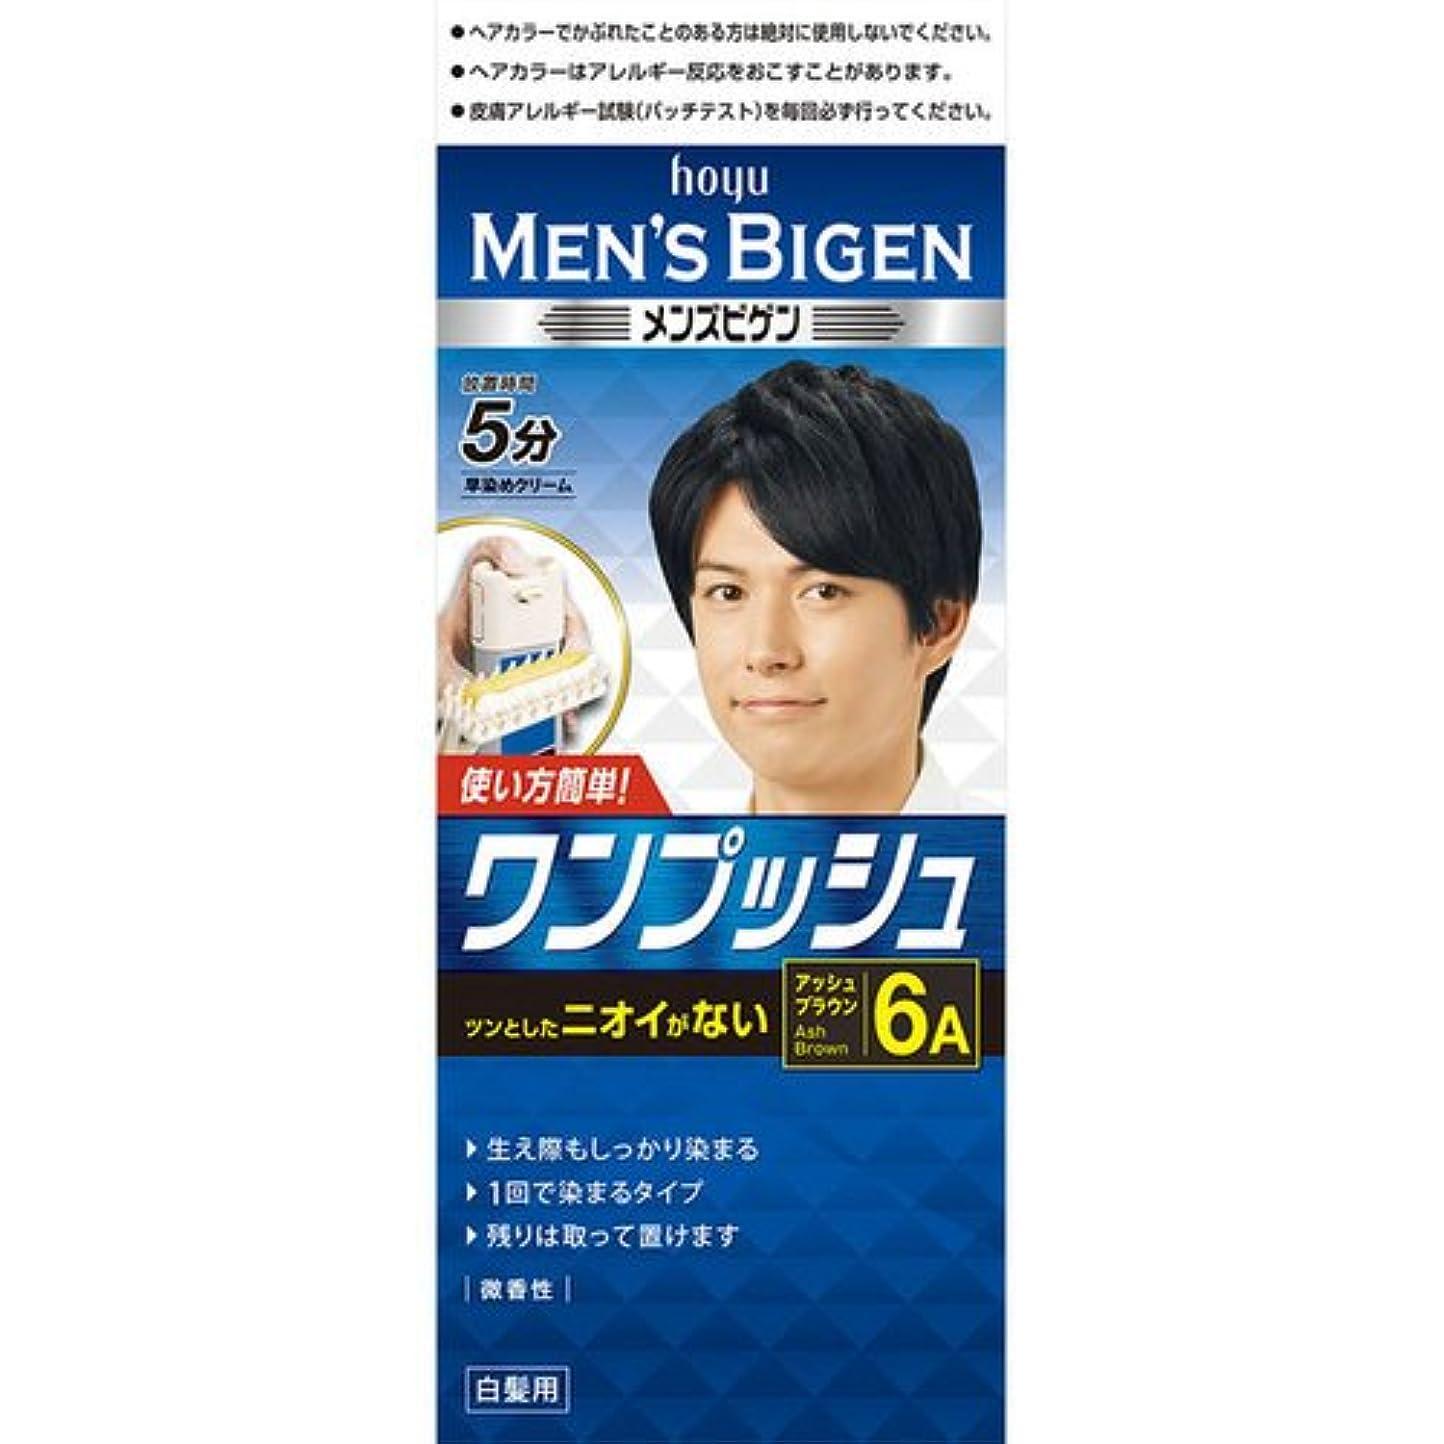 ジャンクション忠実な写真メンズビゲン ワンプッシュ 6A アッシュブラウン 40g+40g[医薬部外品]